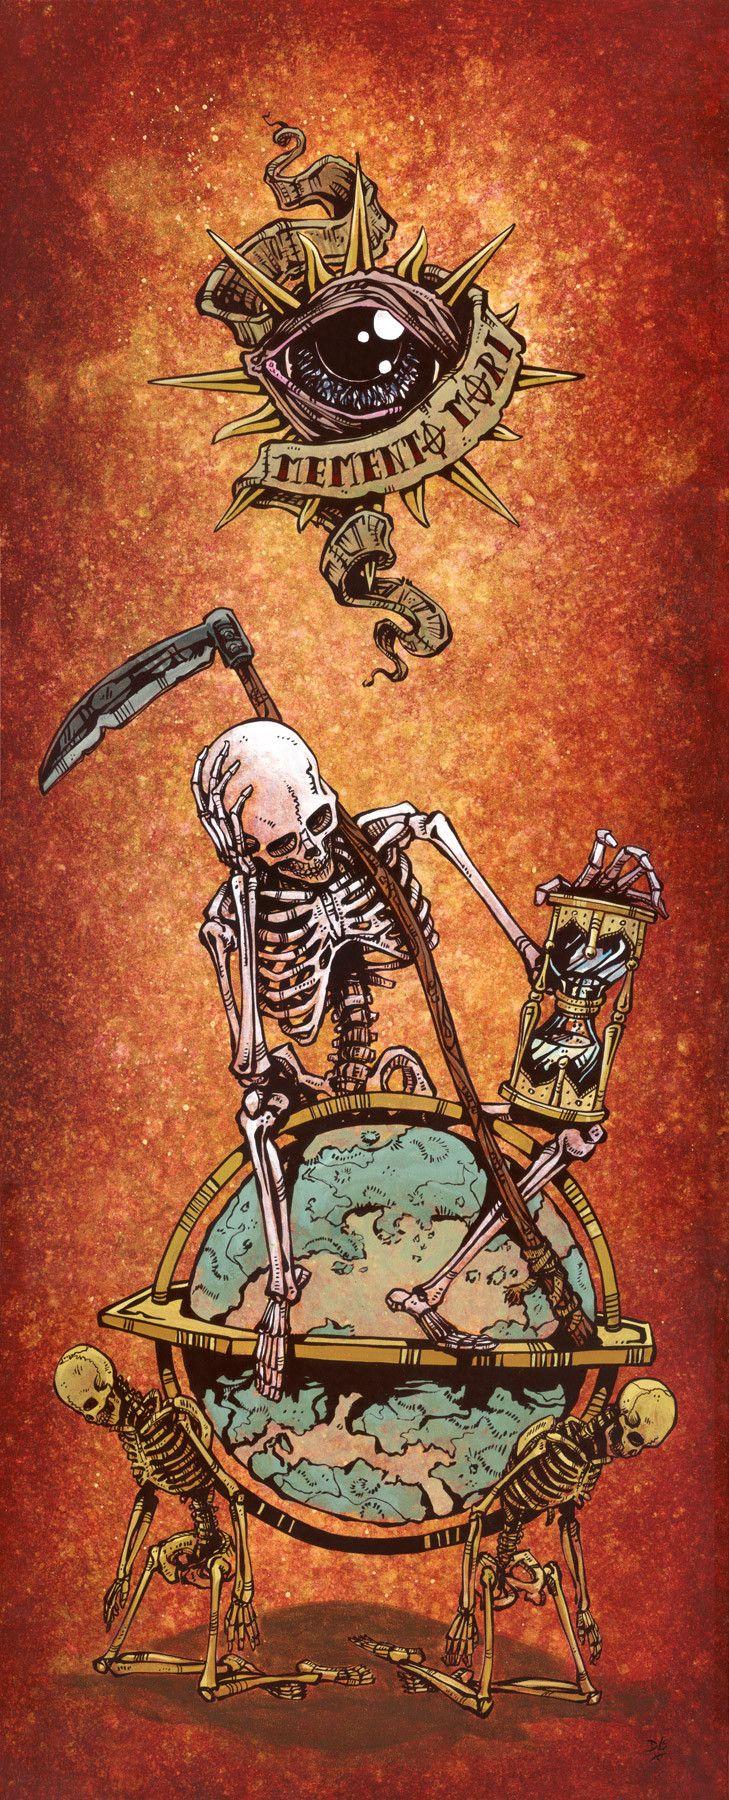 Day of the Dead Artist David Lozeau, Memento Mori, David Lozeau Dia de los Muertos Art - 1